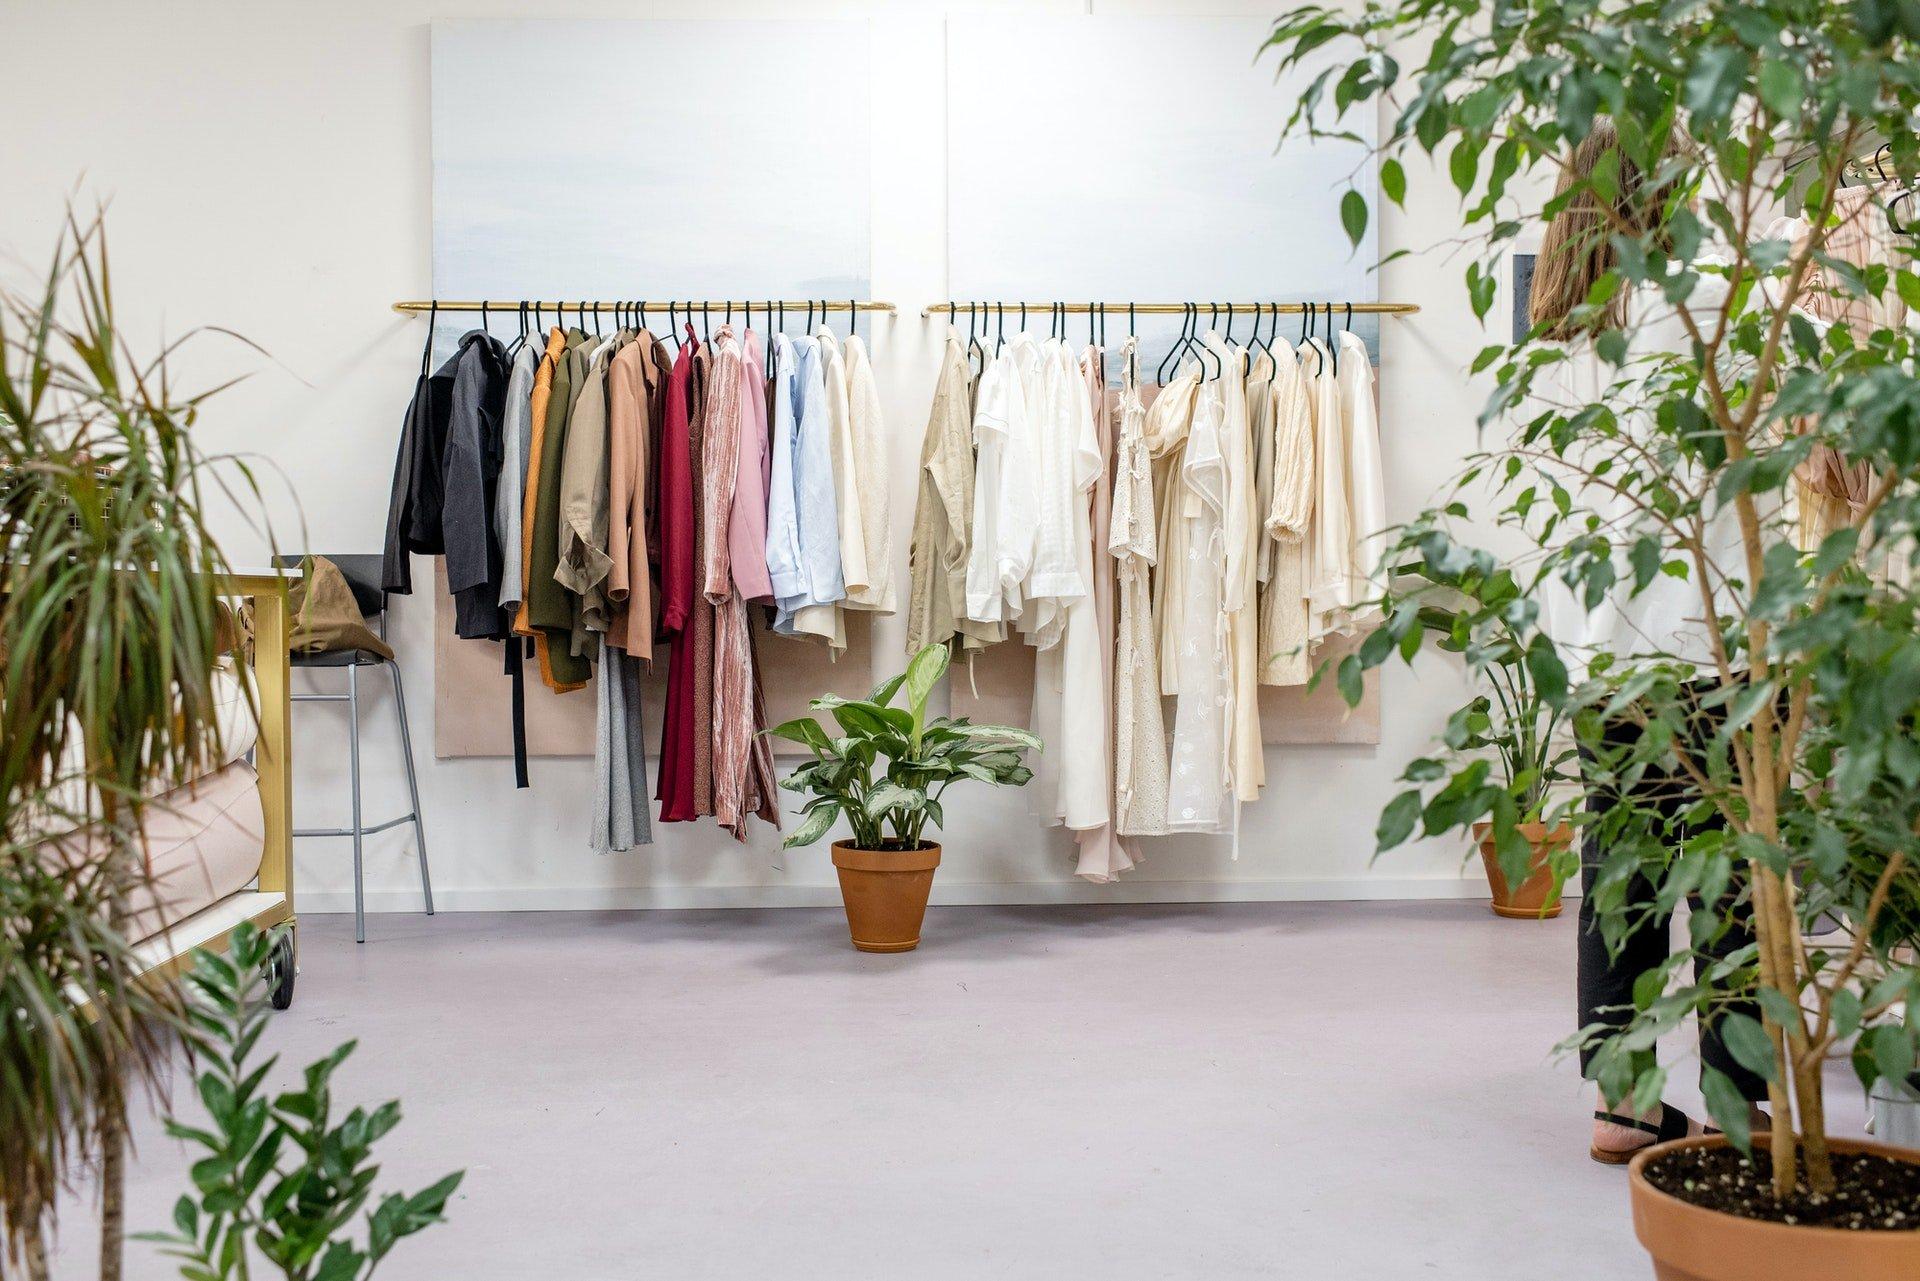 sanificazione-negozi